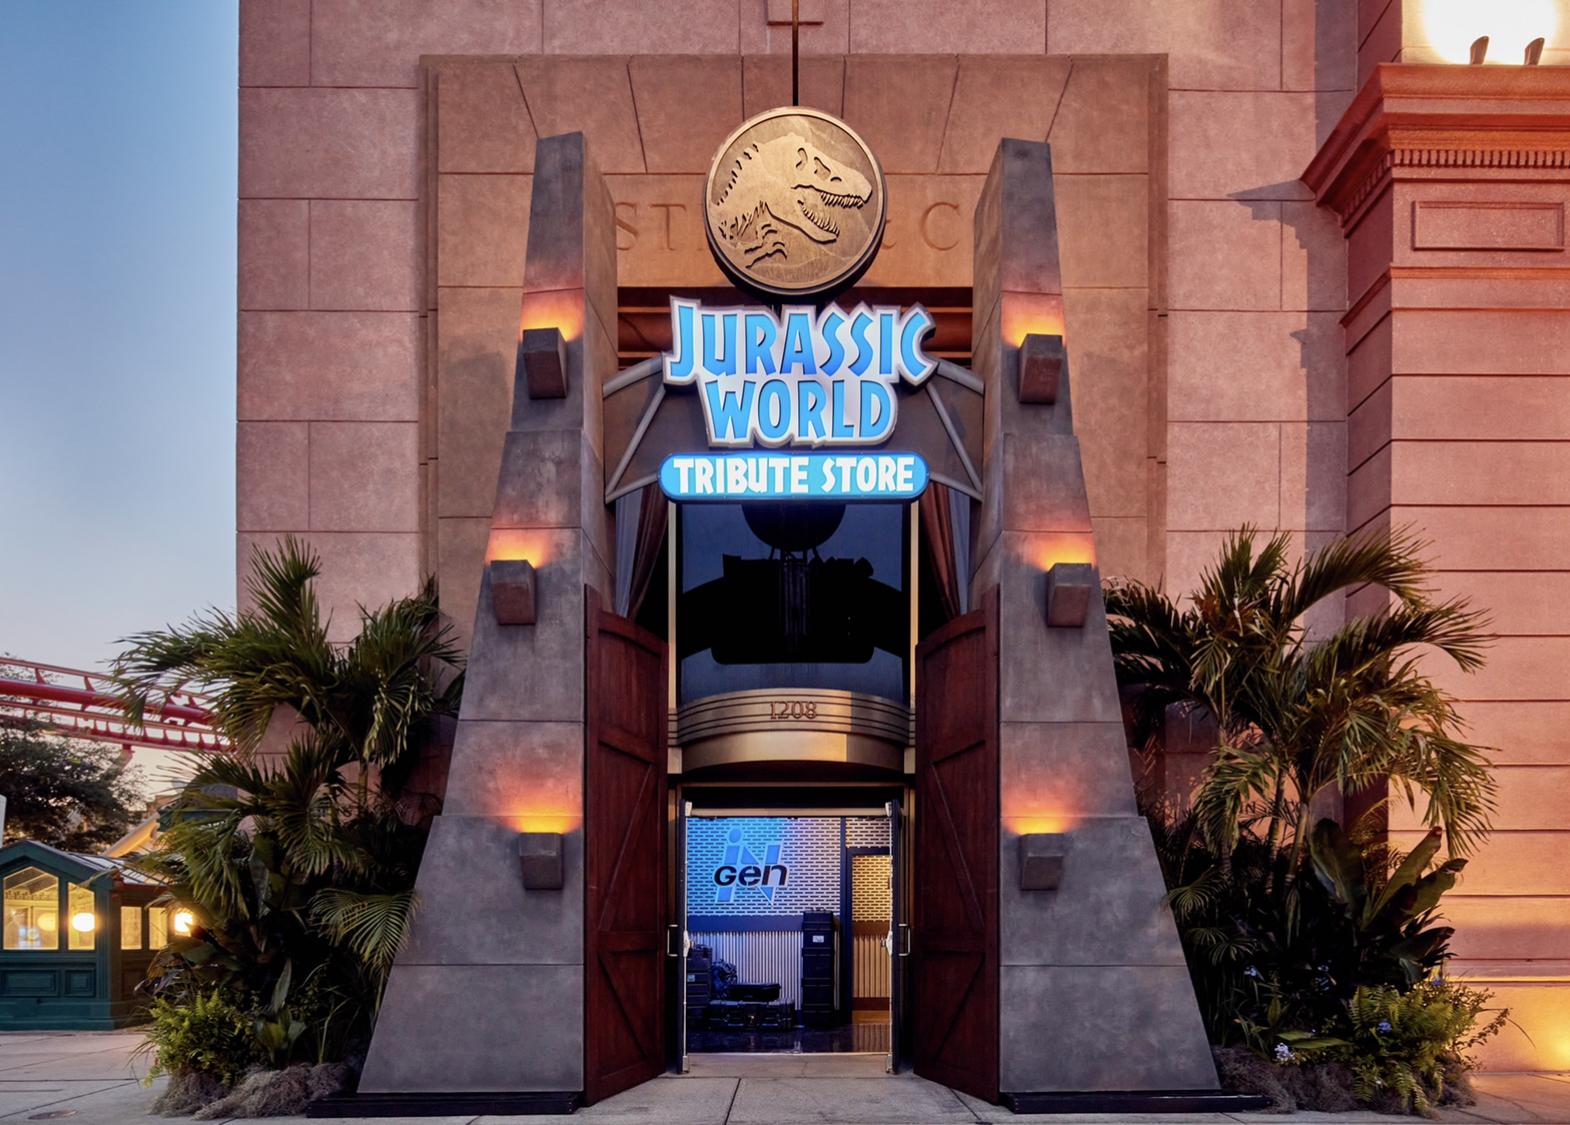 Jurassic World Tribute Store